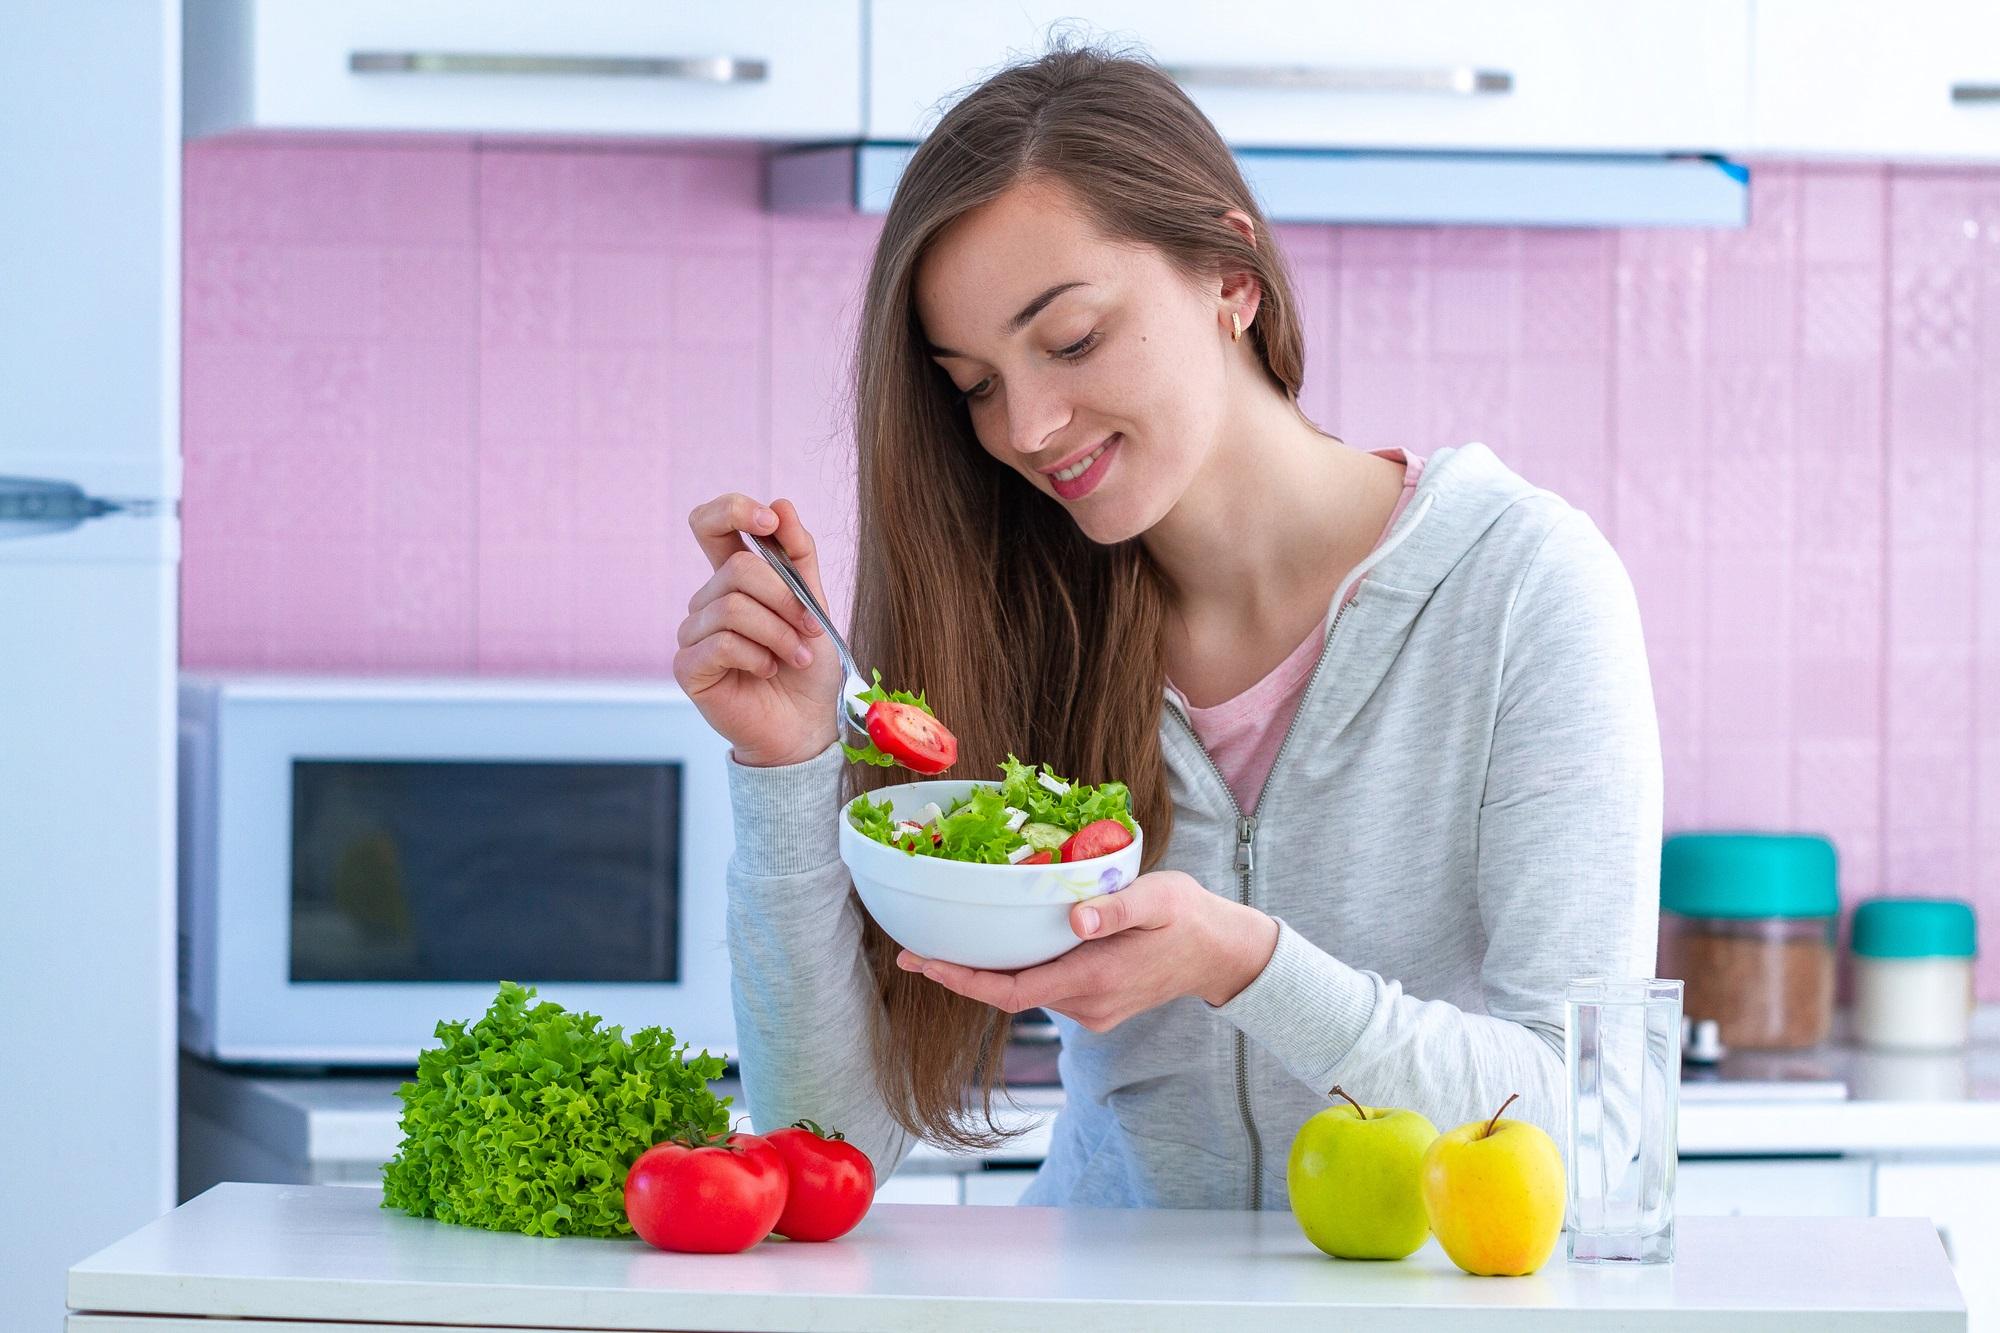 Диета при желчнокаменной болезни: рецепты блюд, питание после операции